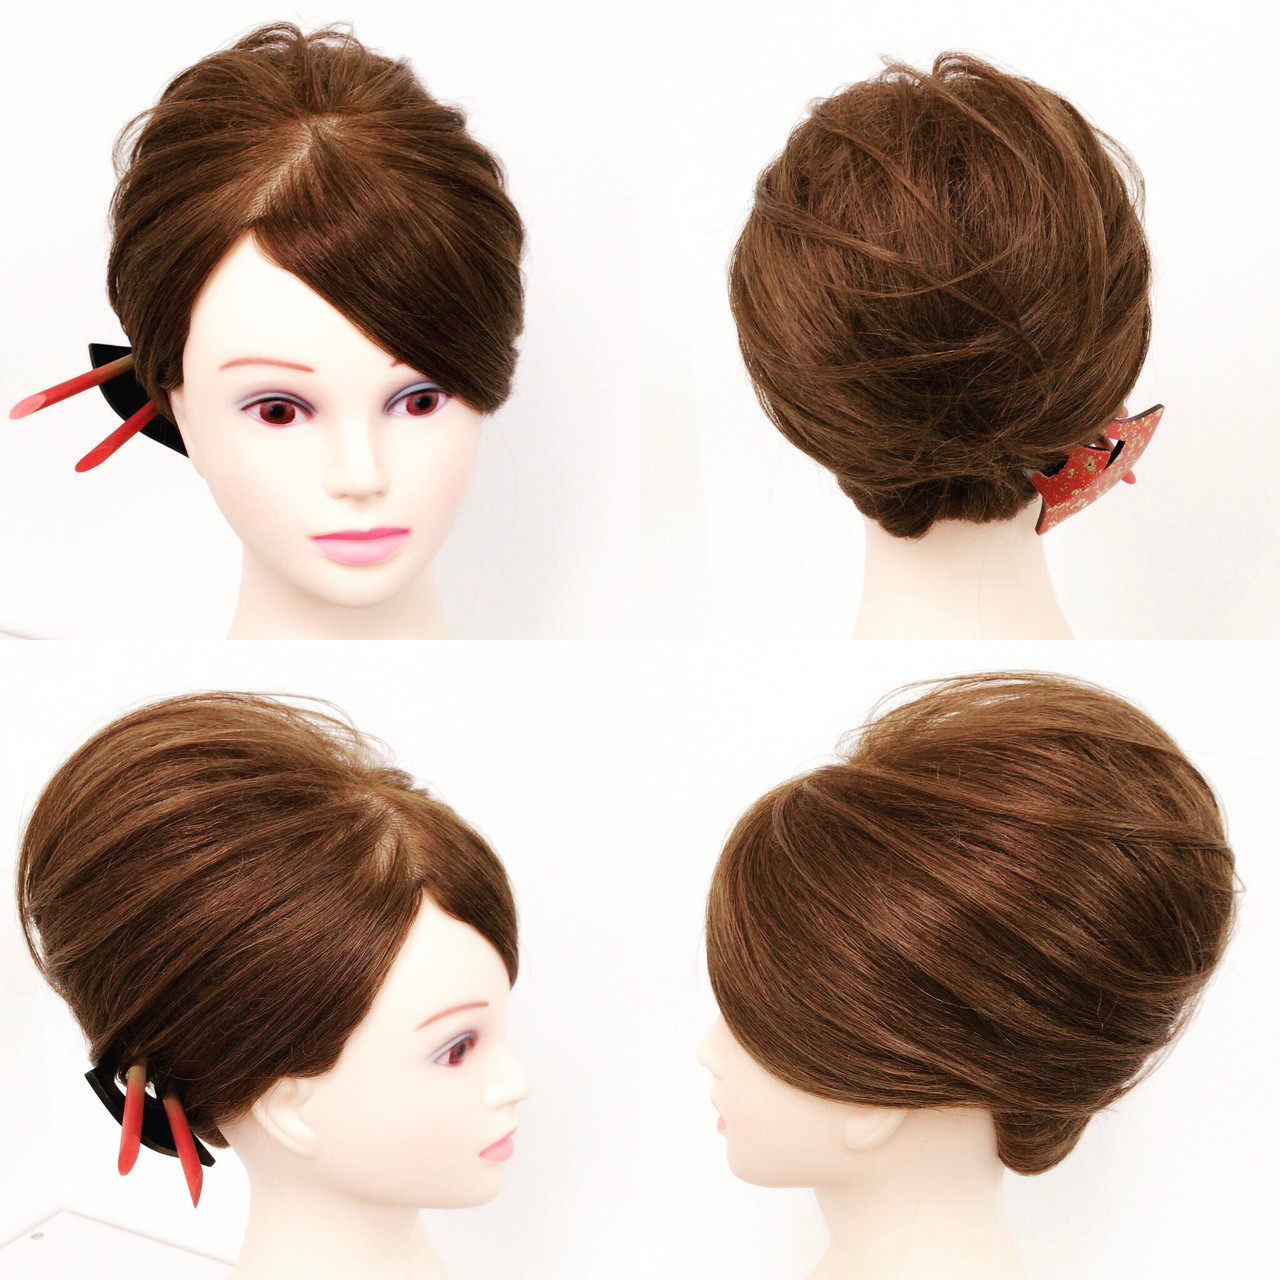 ヘアアレンジ 上品 エレガント セミロング ヘアスタイルや髪型の写真・画像